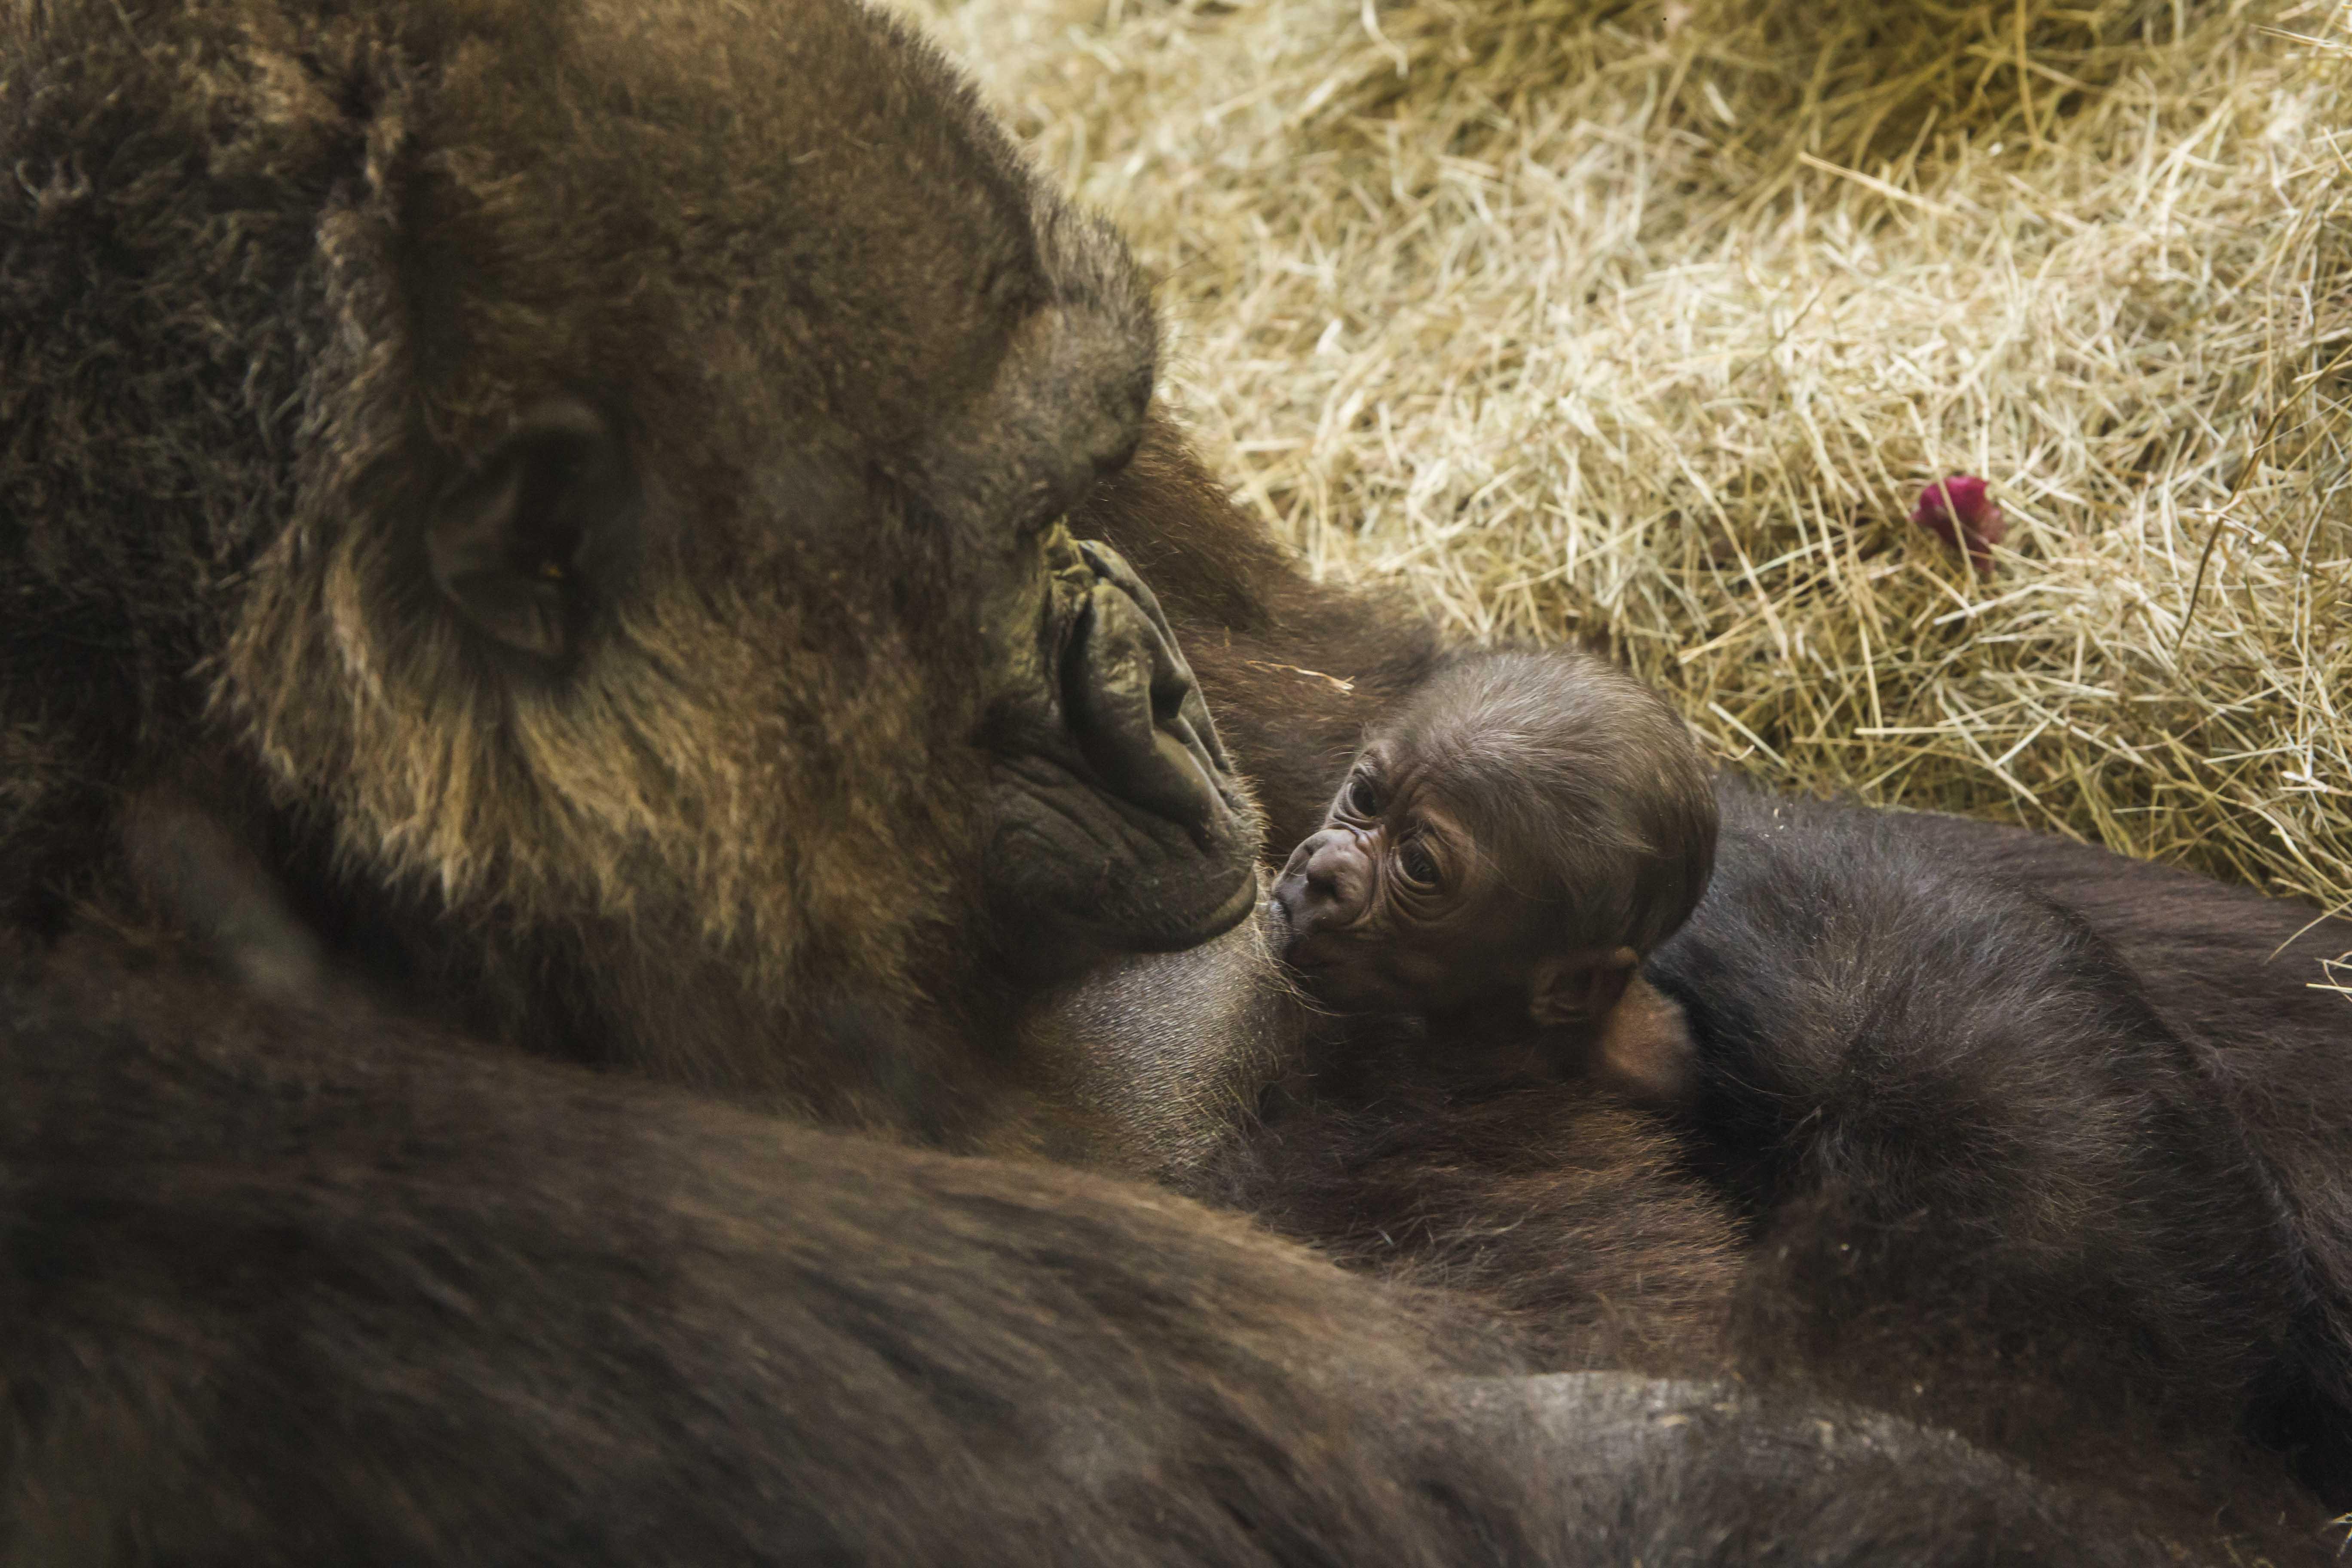 Endangered baby gorilla born at Busch Gardens